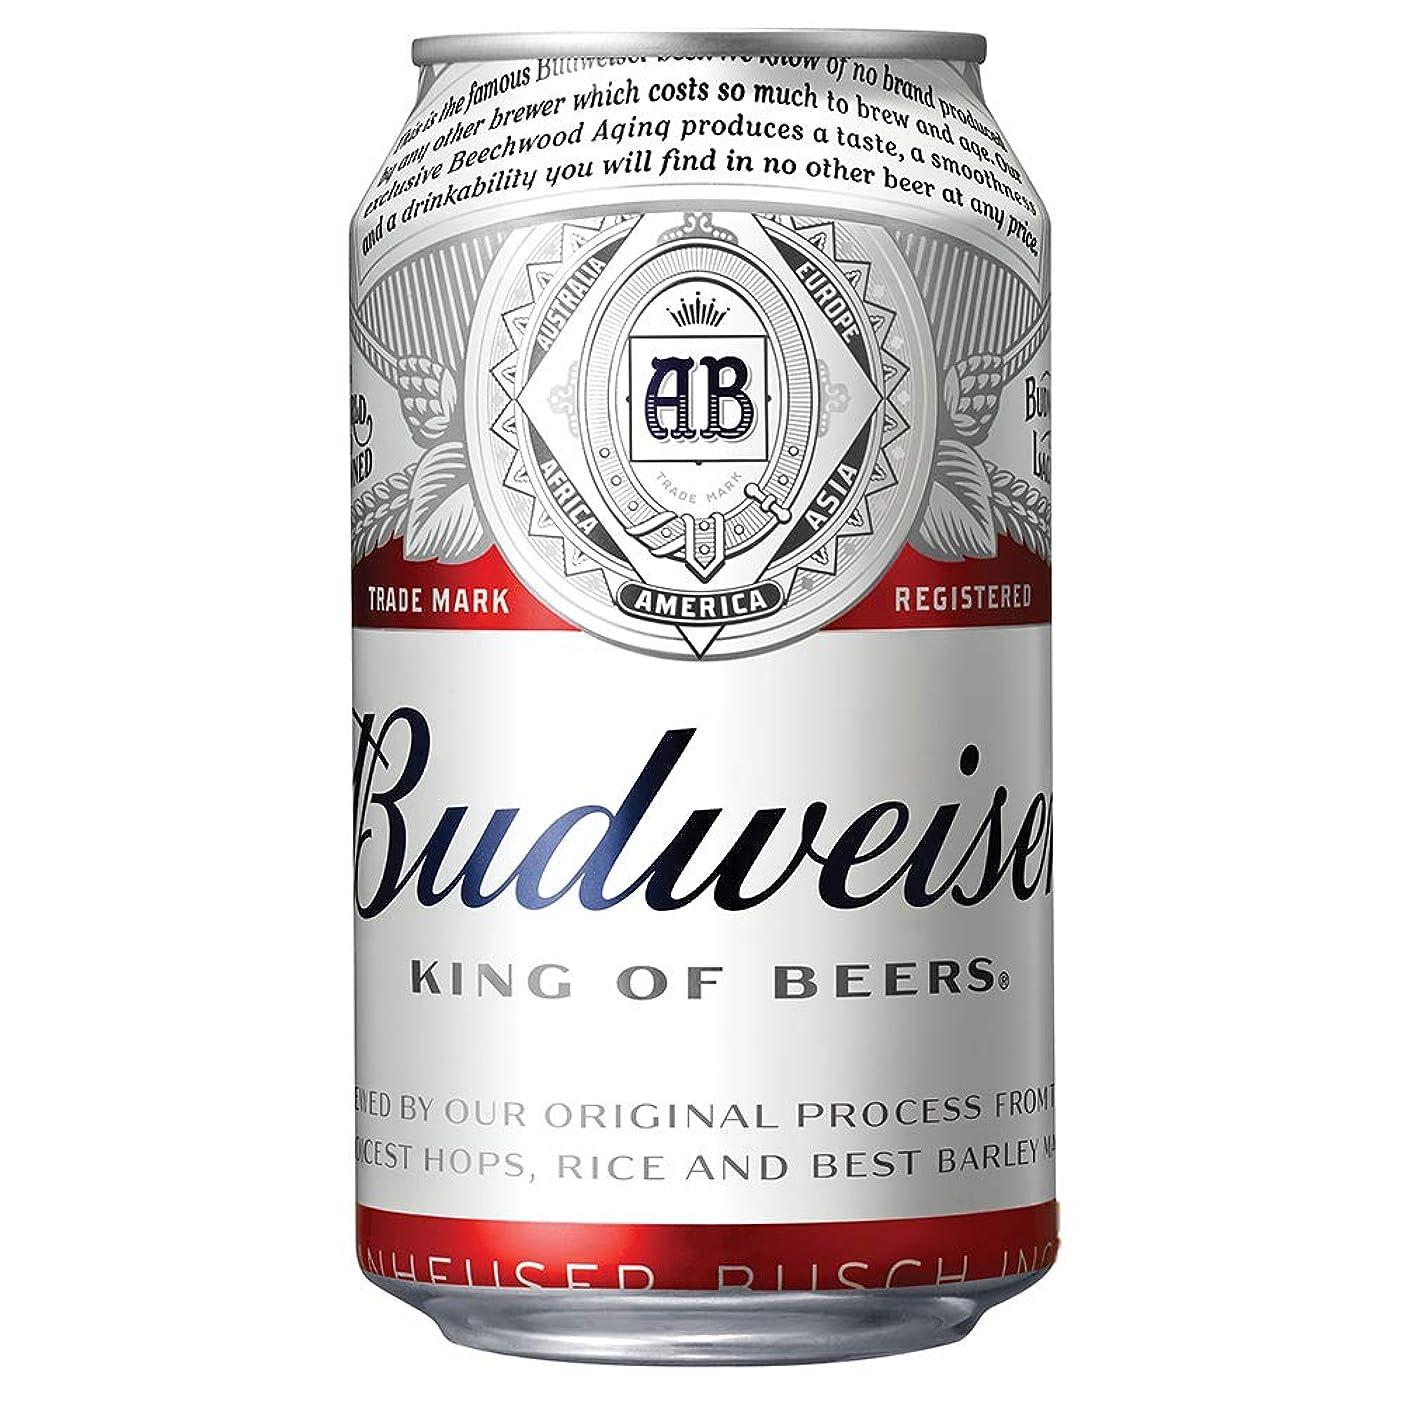 付属品クリエイティブ不測の事態バドワイザー ビール 355ml缶 [ ラガータイプ アメリカ 355ml×24本 ]